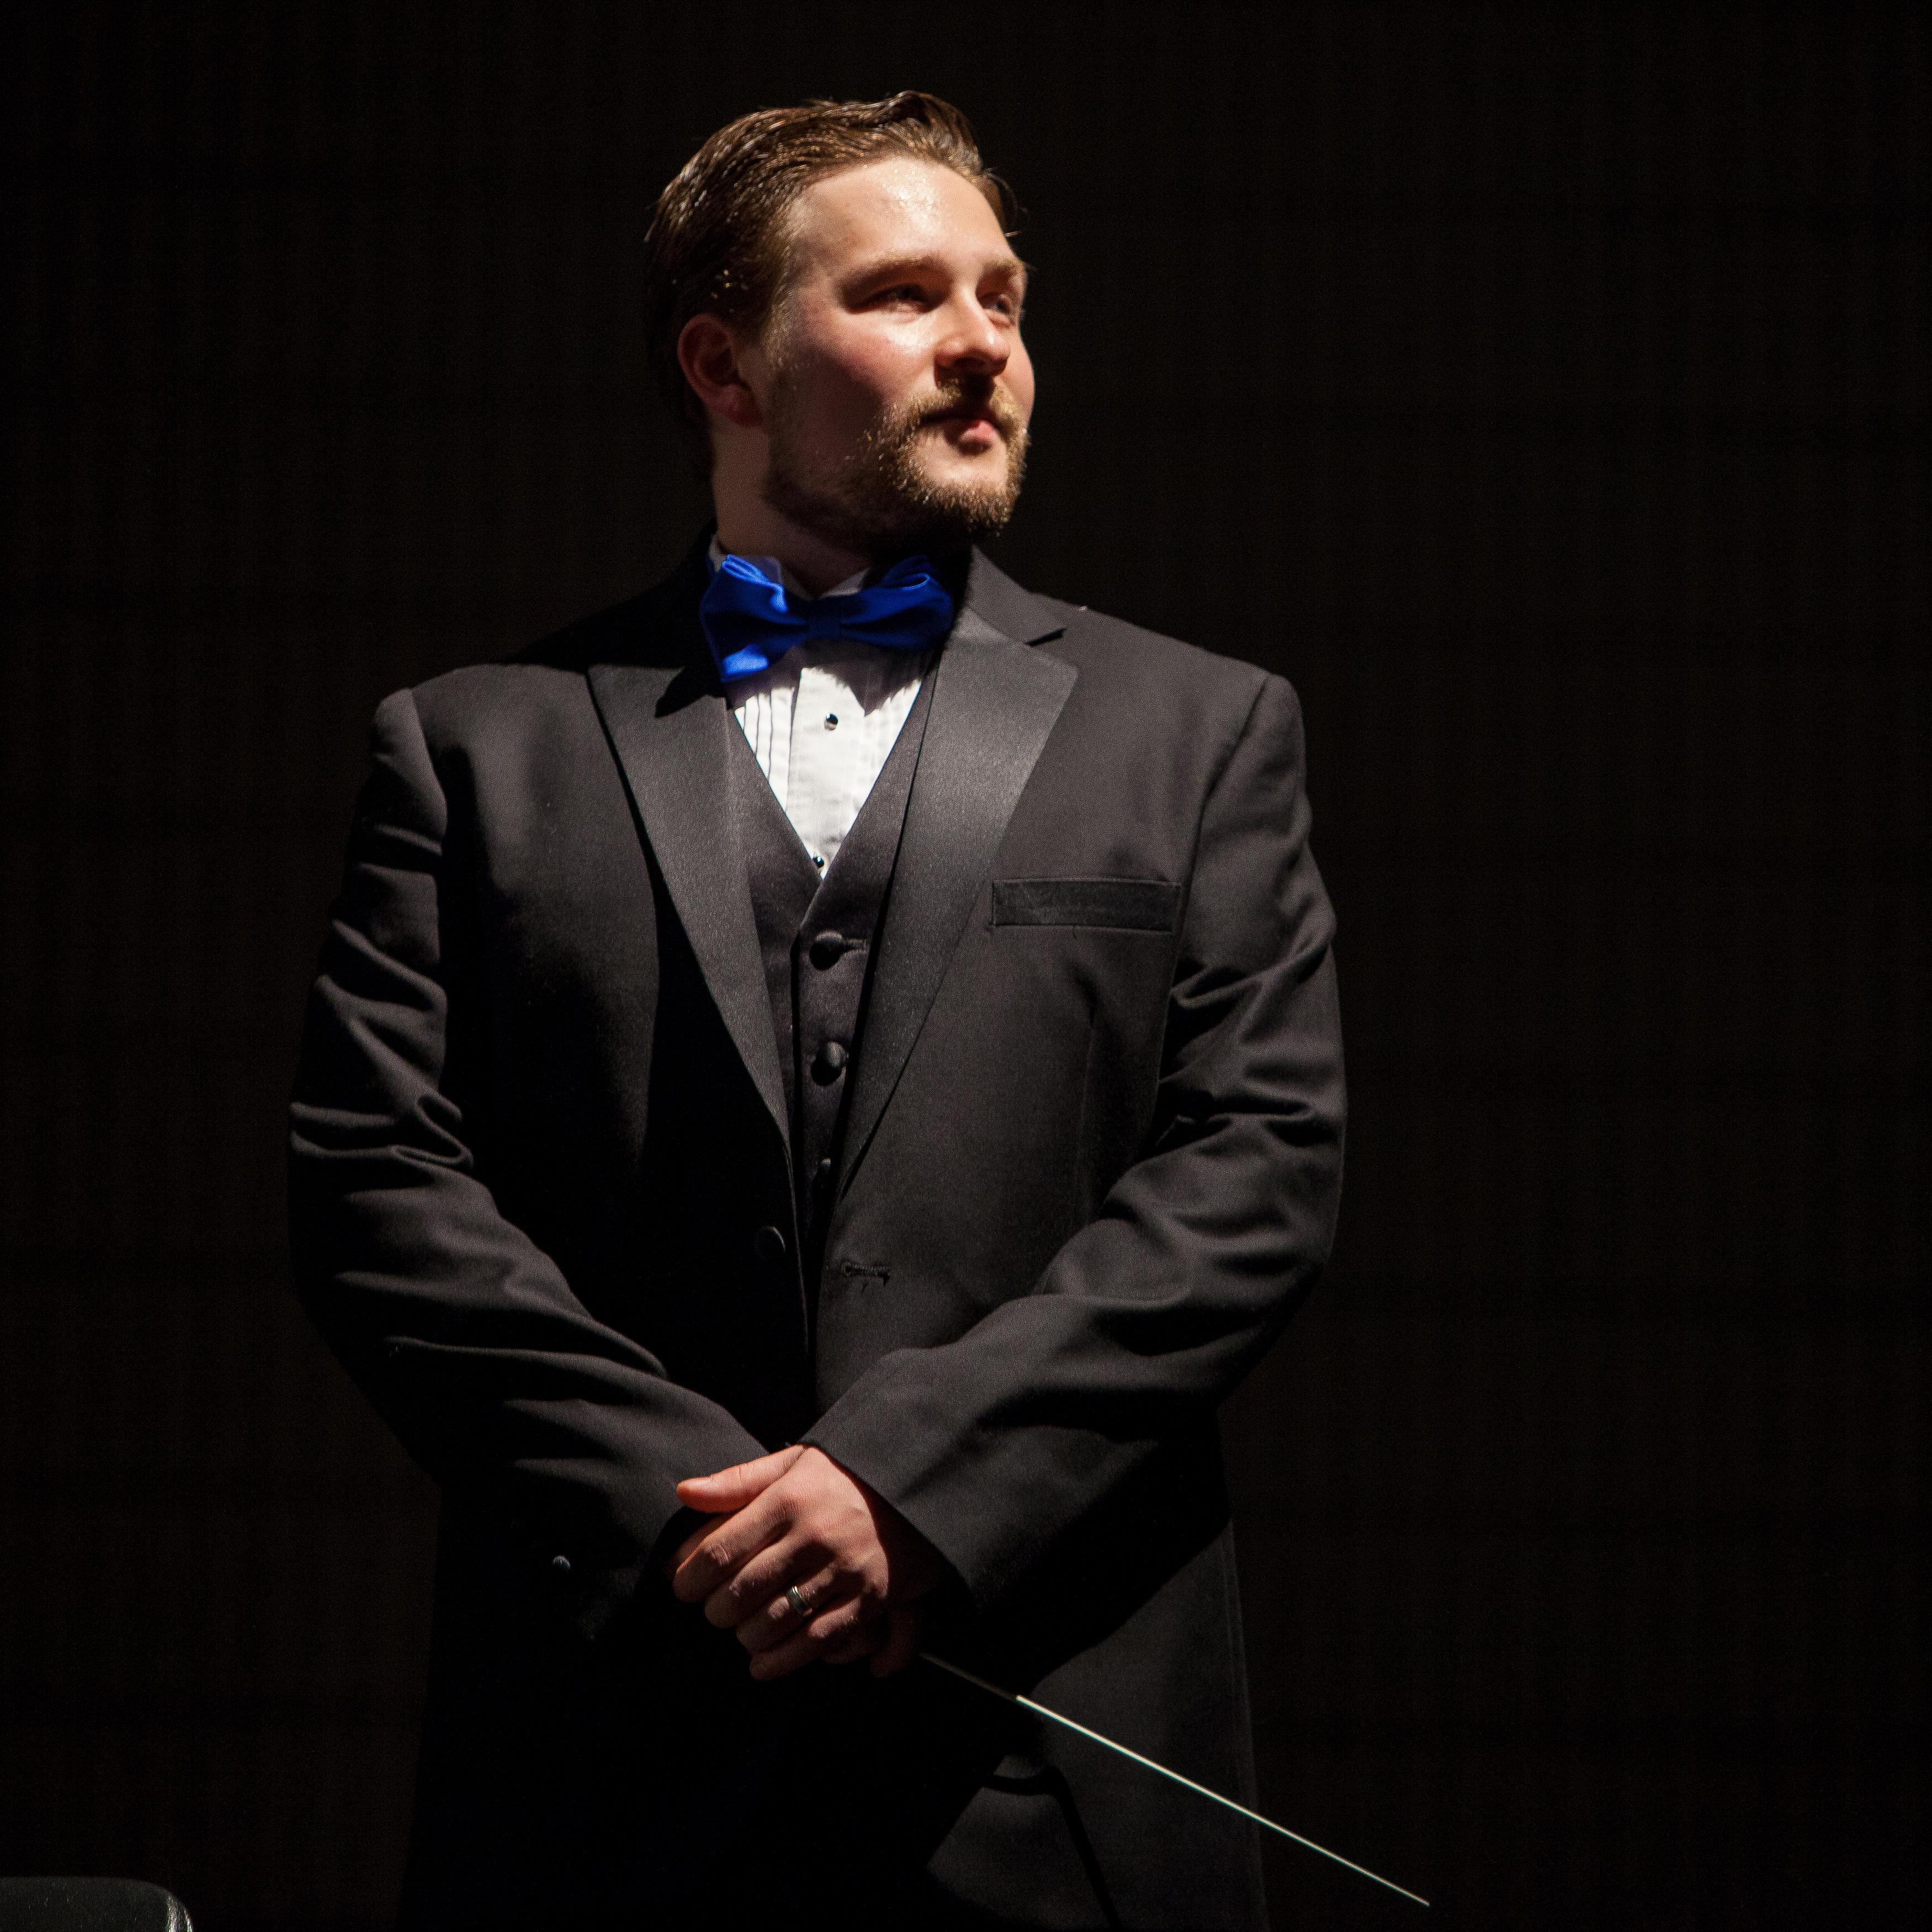 Daniel Foster's Profile Photo